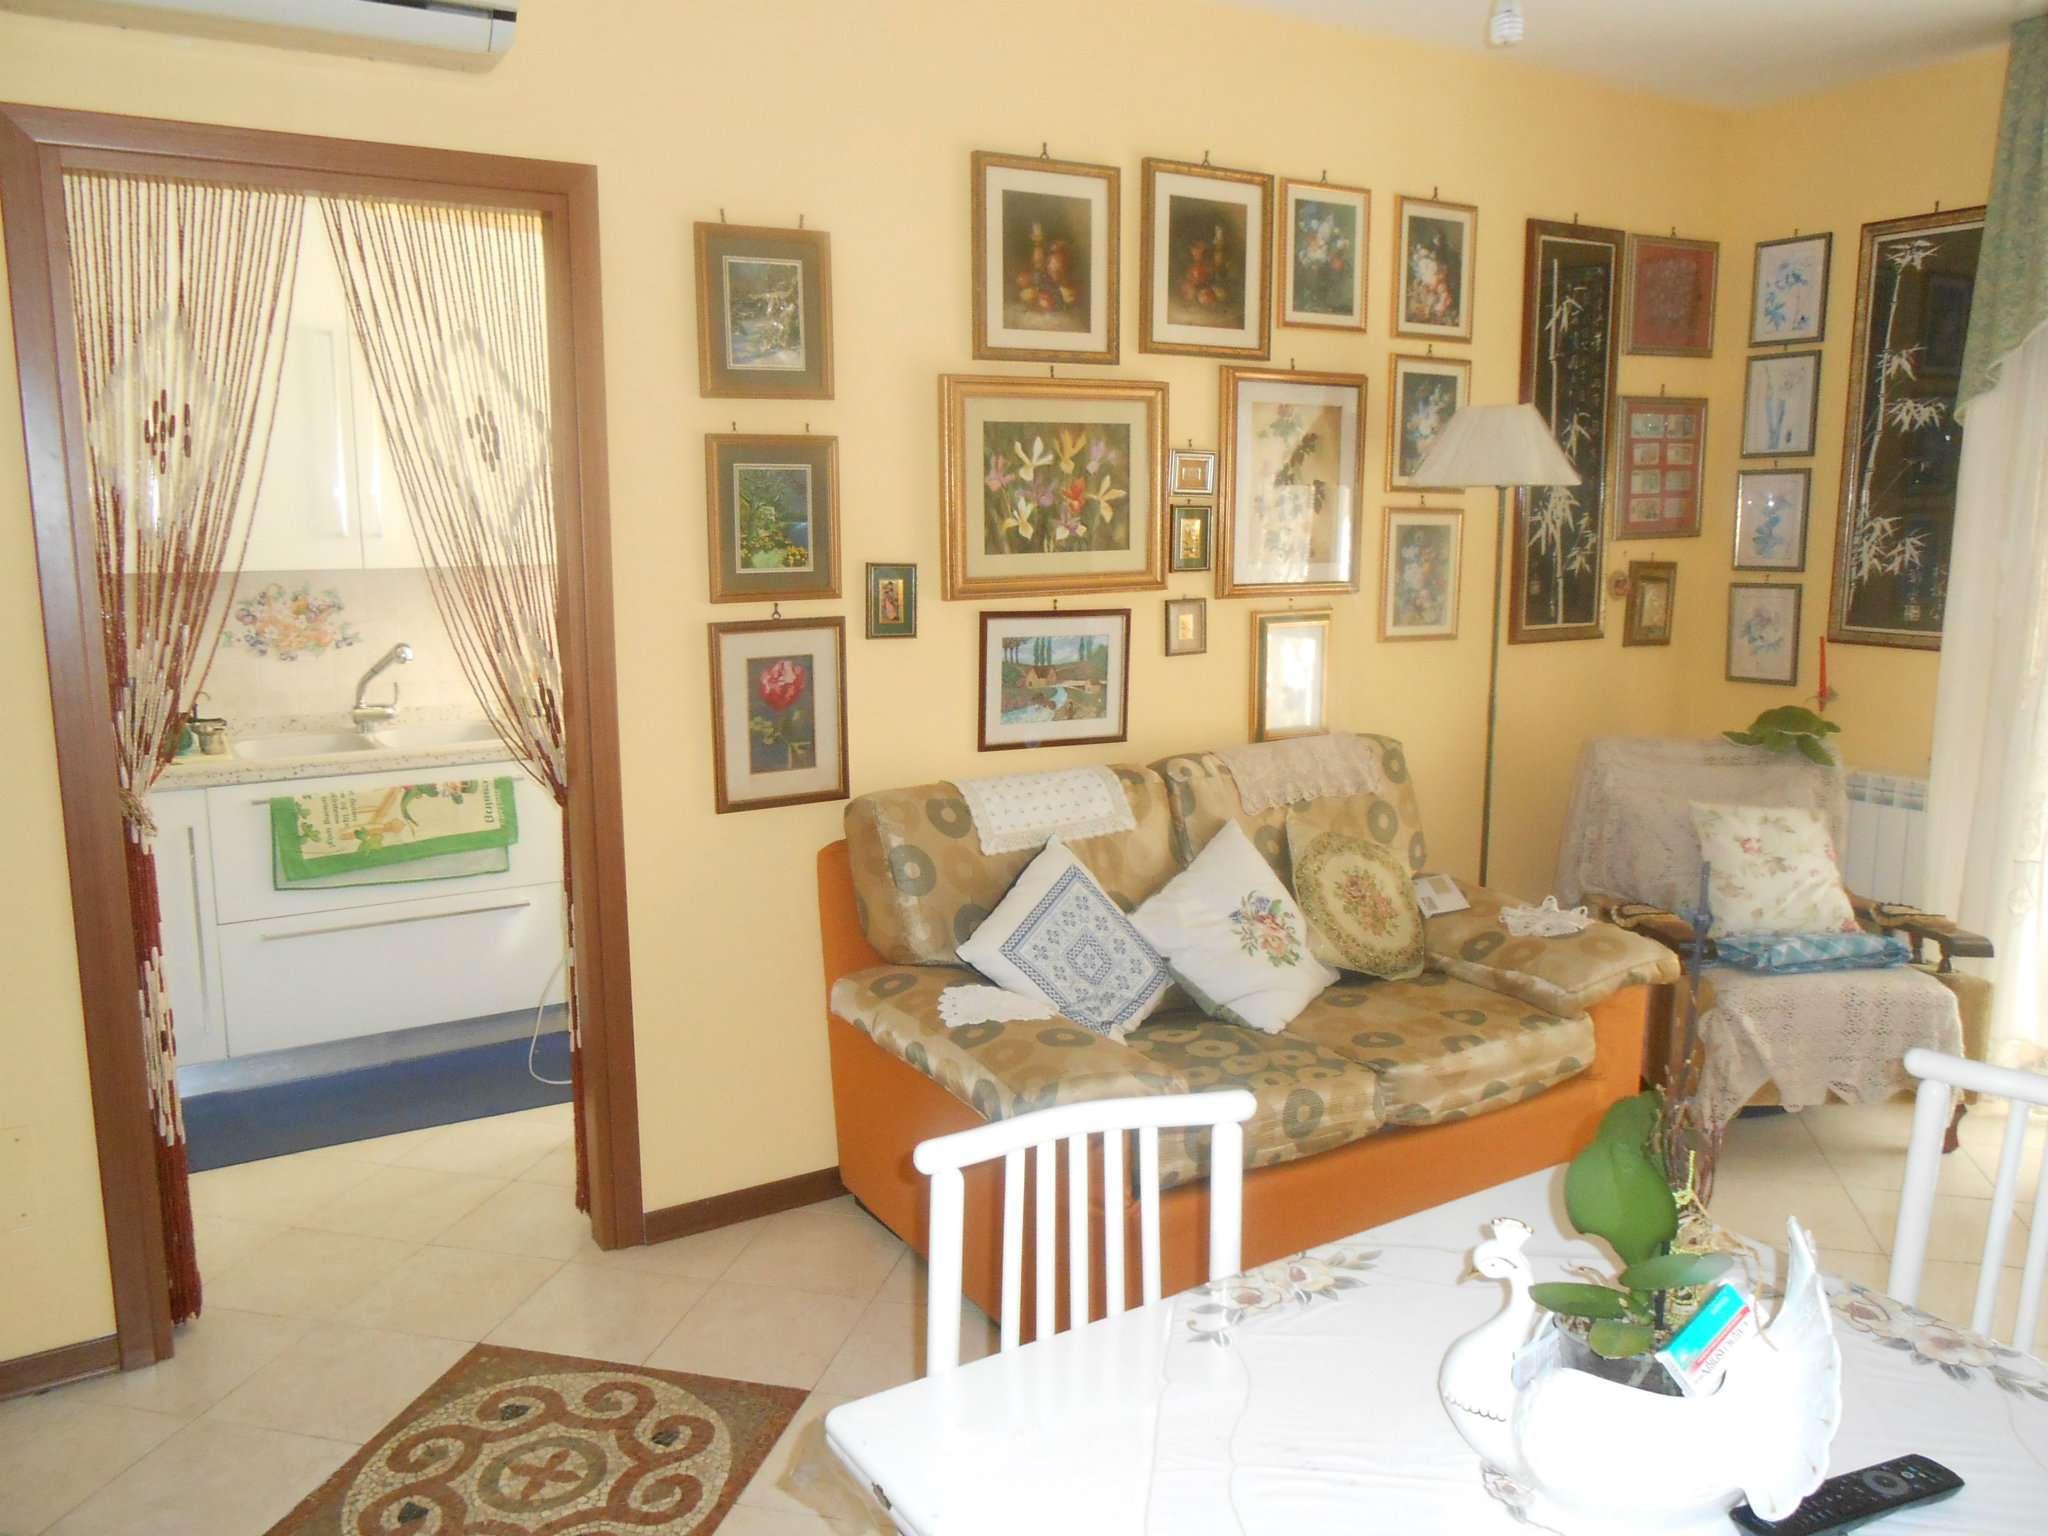 Appartamento in vendita a Roma, 3 locali, zona Zona: 34 . Bufalotta, Sette Bagni, Casal Boccone, Casale Monastero, Settecamini, prezzo € 190.000   Cambio Casa.it